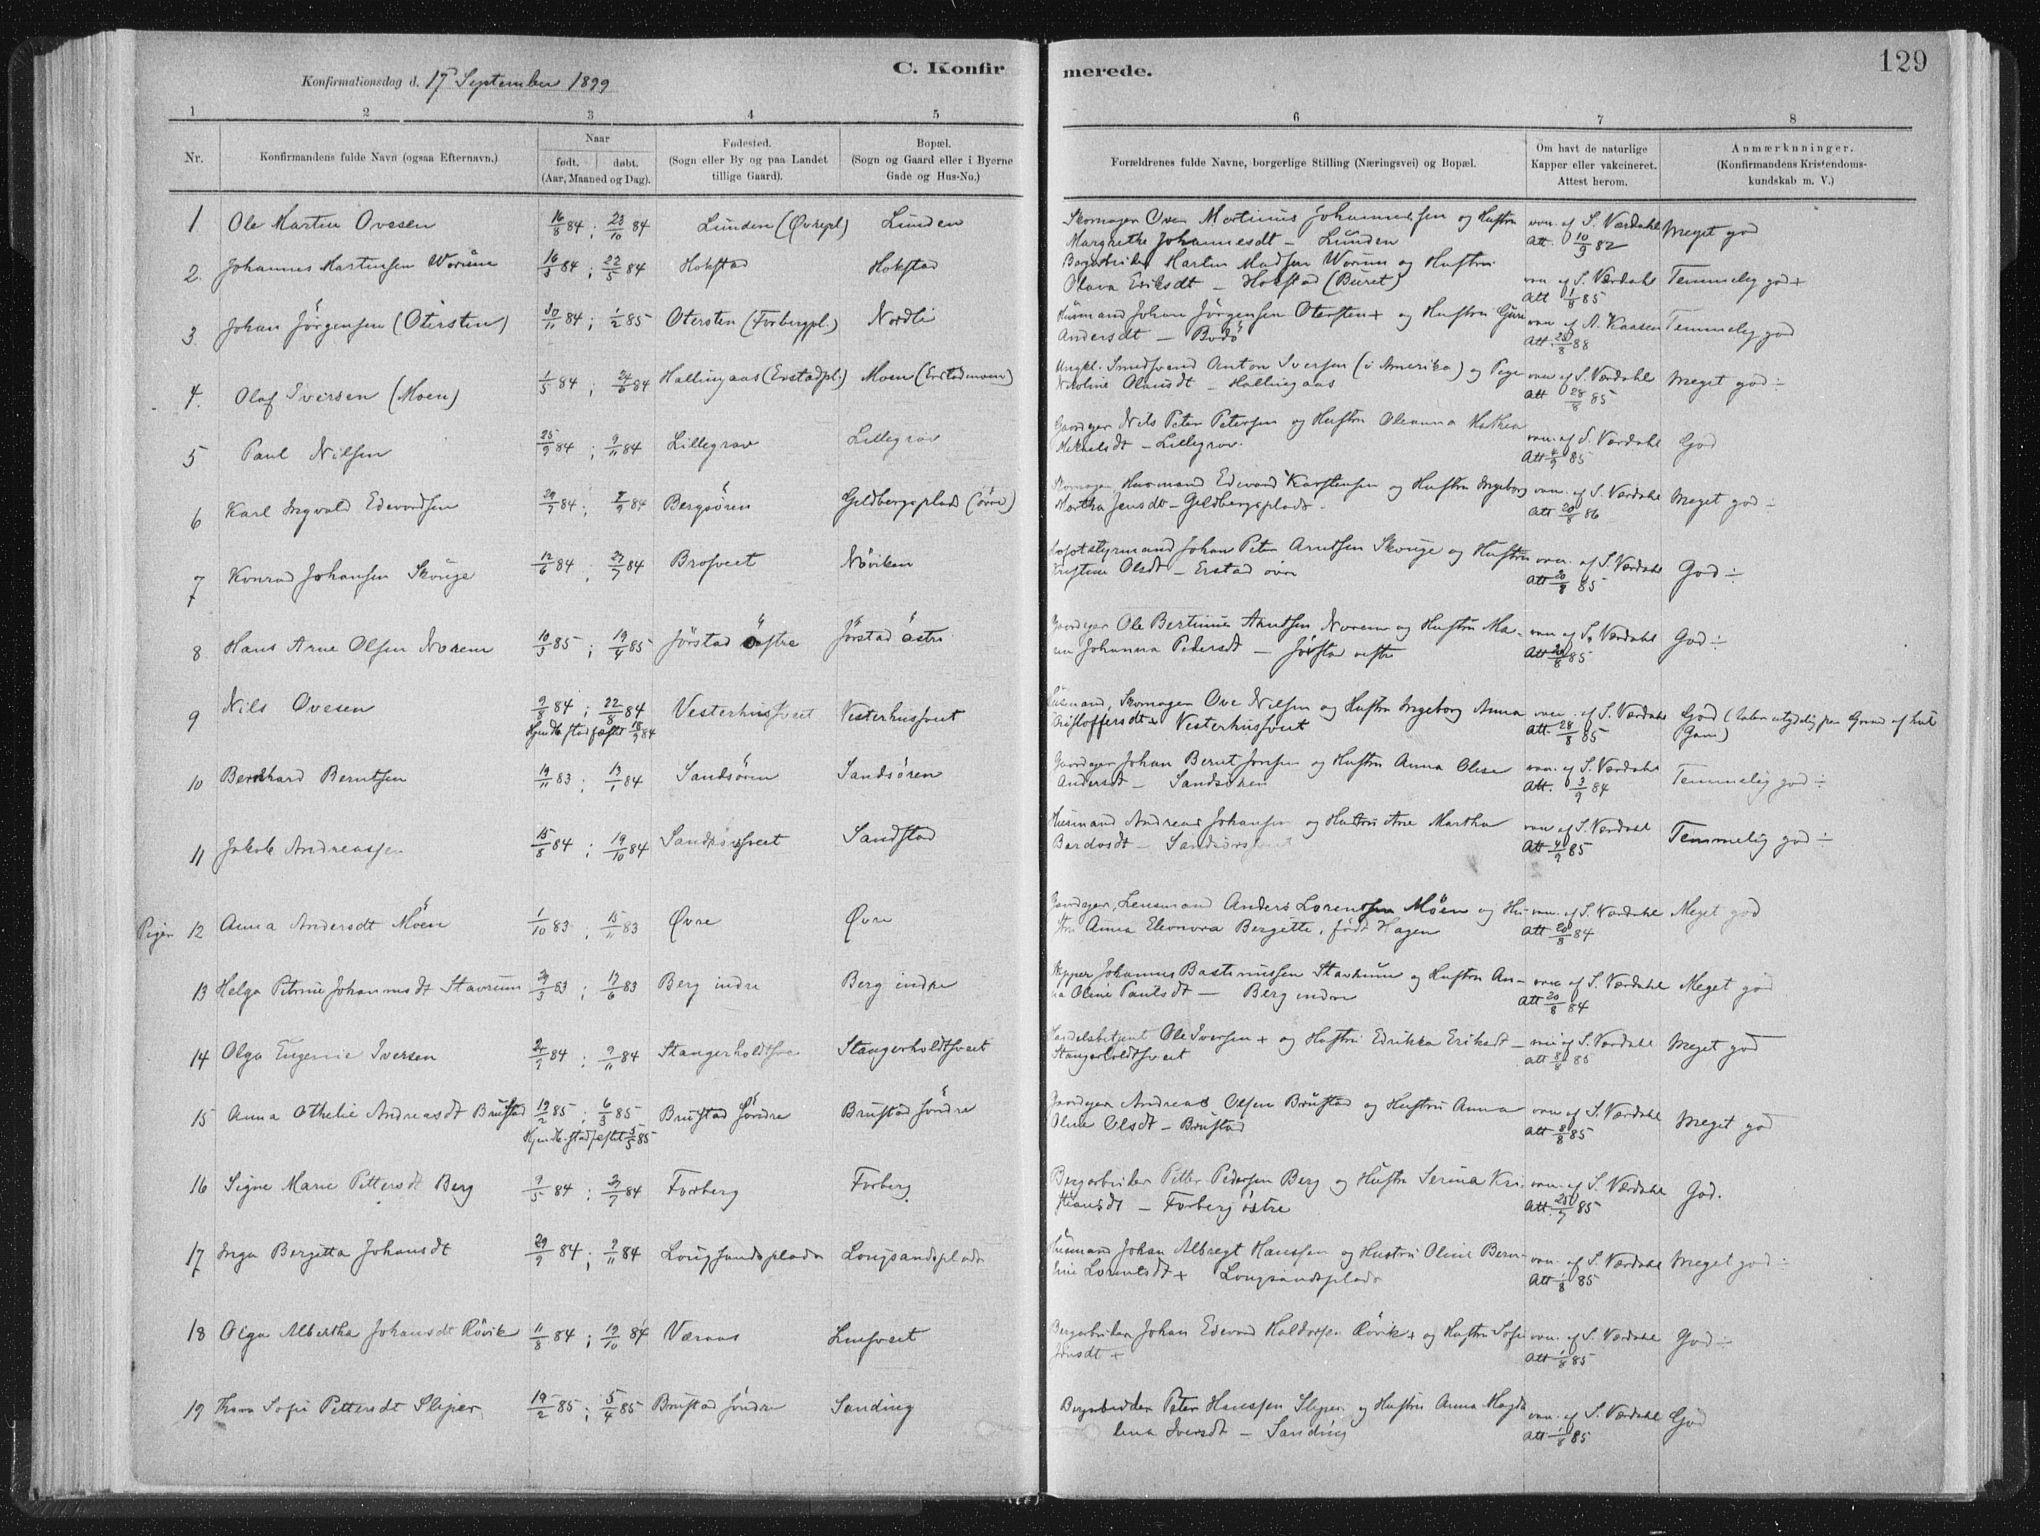 SAT, Ministerialprotokoller, klokkerbøker og fødselsregistre - Nord-Trøndelag, 722/L0220: Ministerialbok nr. 722A07, 1881-1908, s. 129